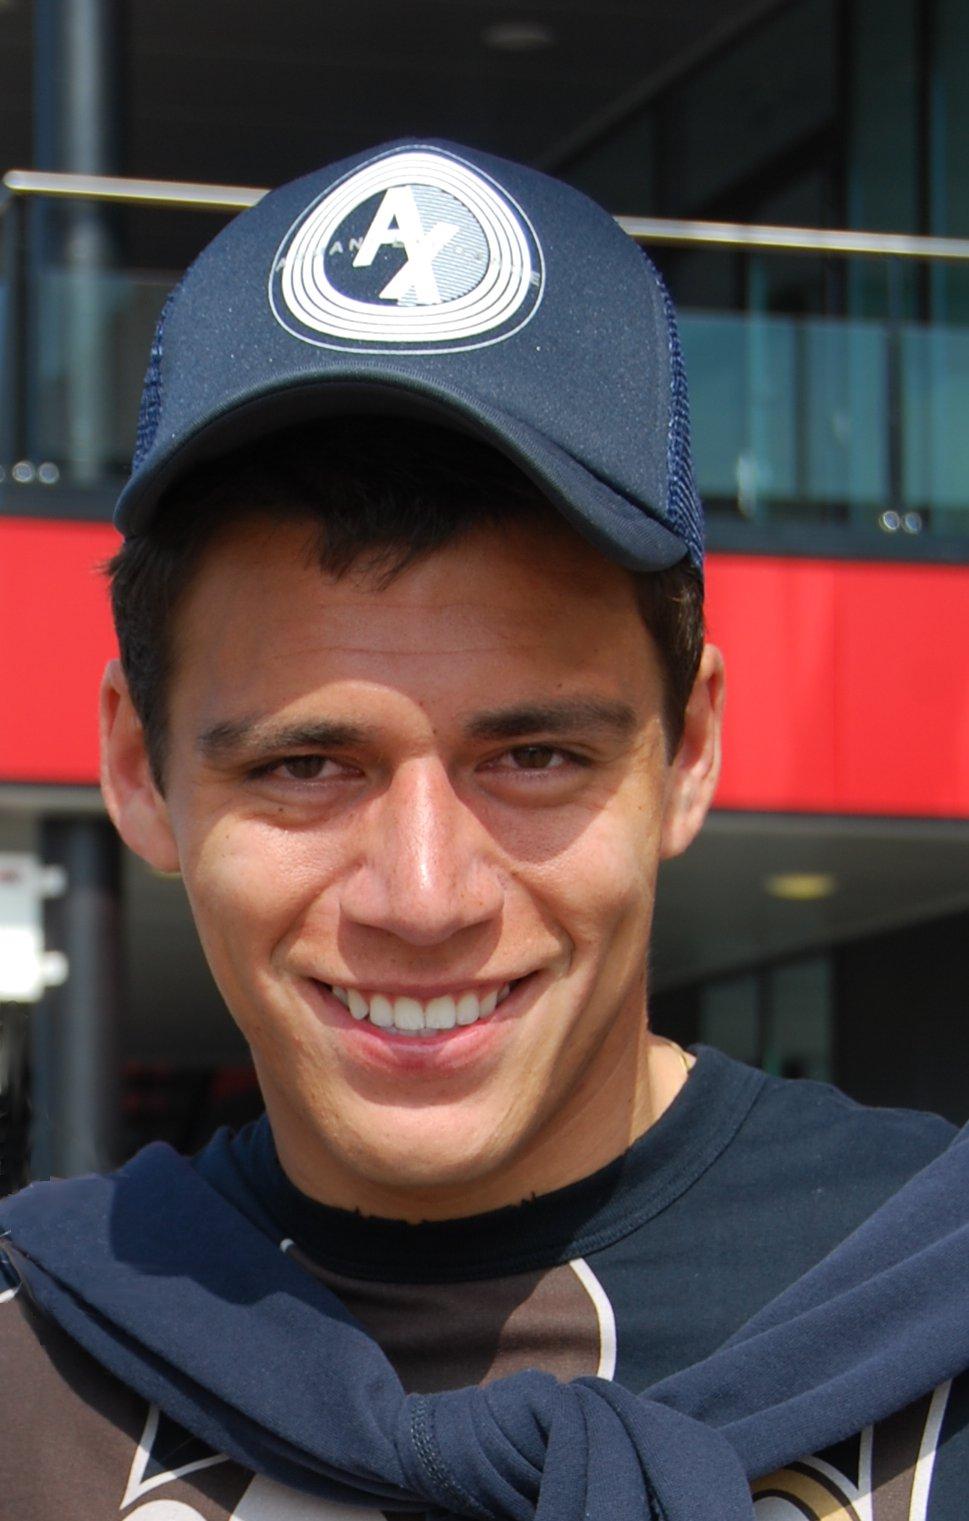 Fussballspieler Hector